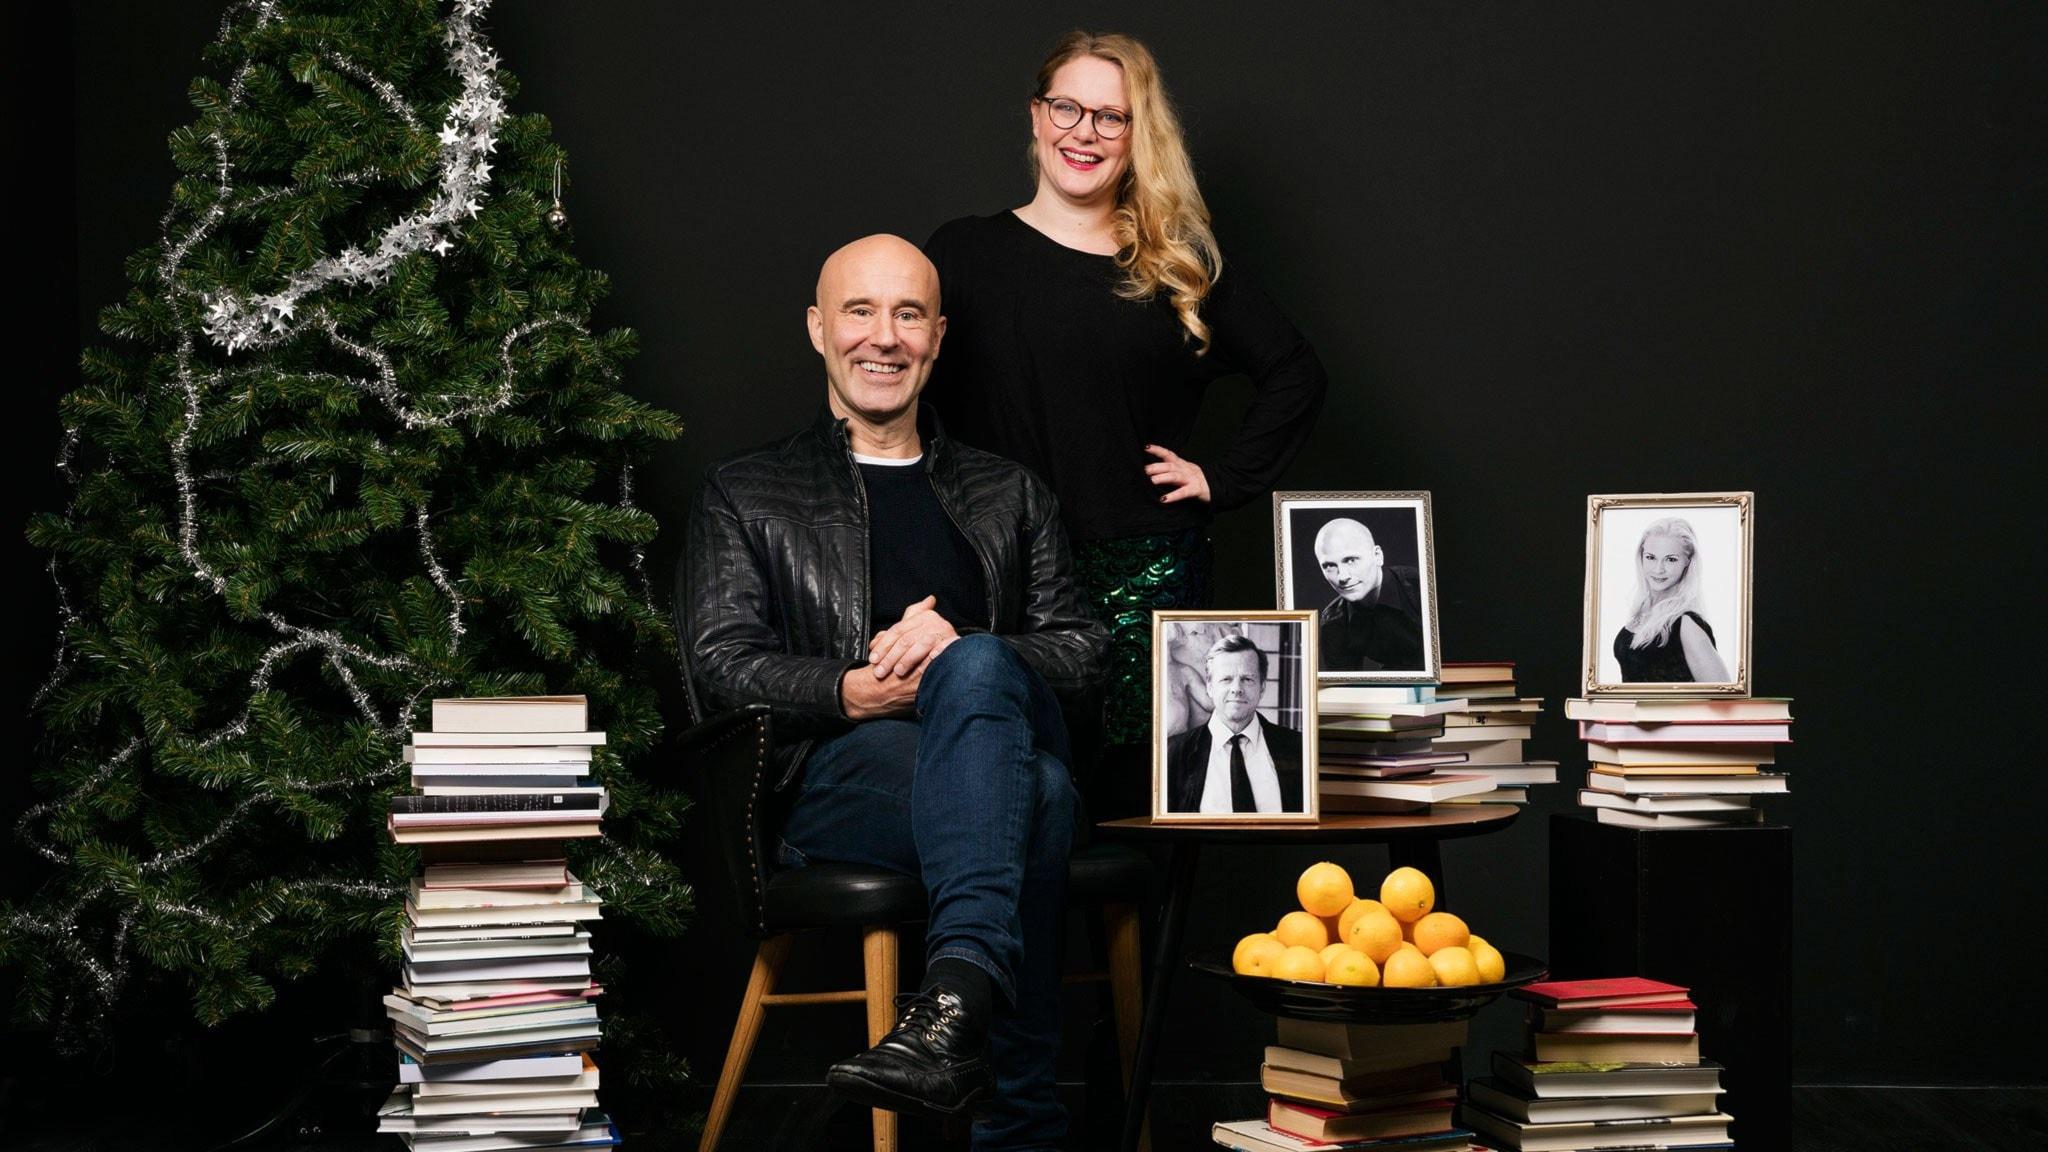 Med Michael Nyqvist. Från 2013